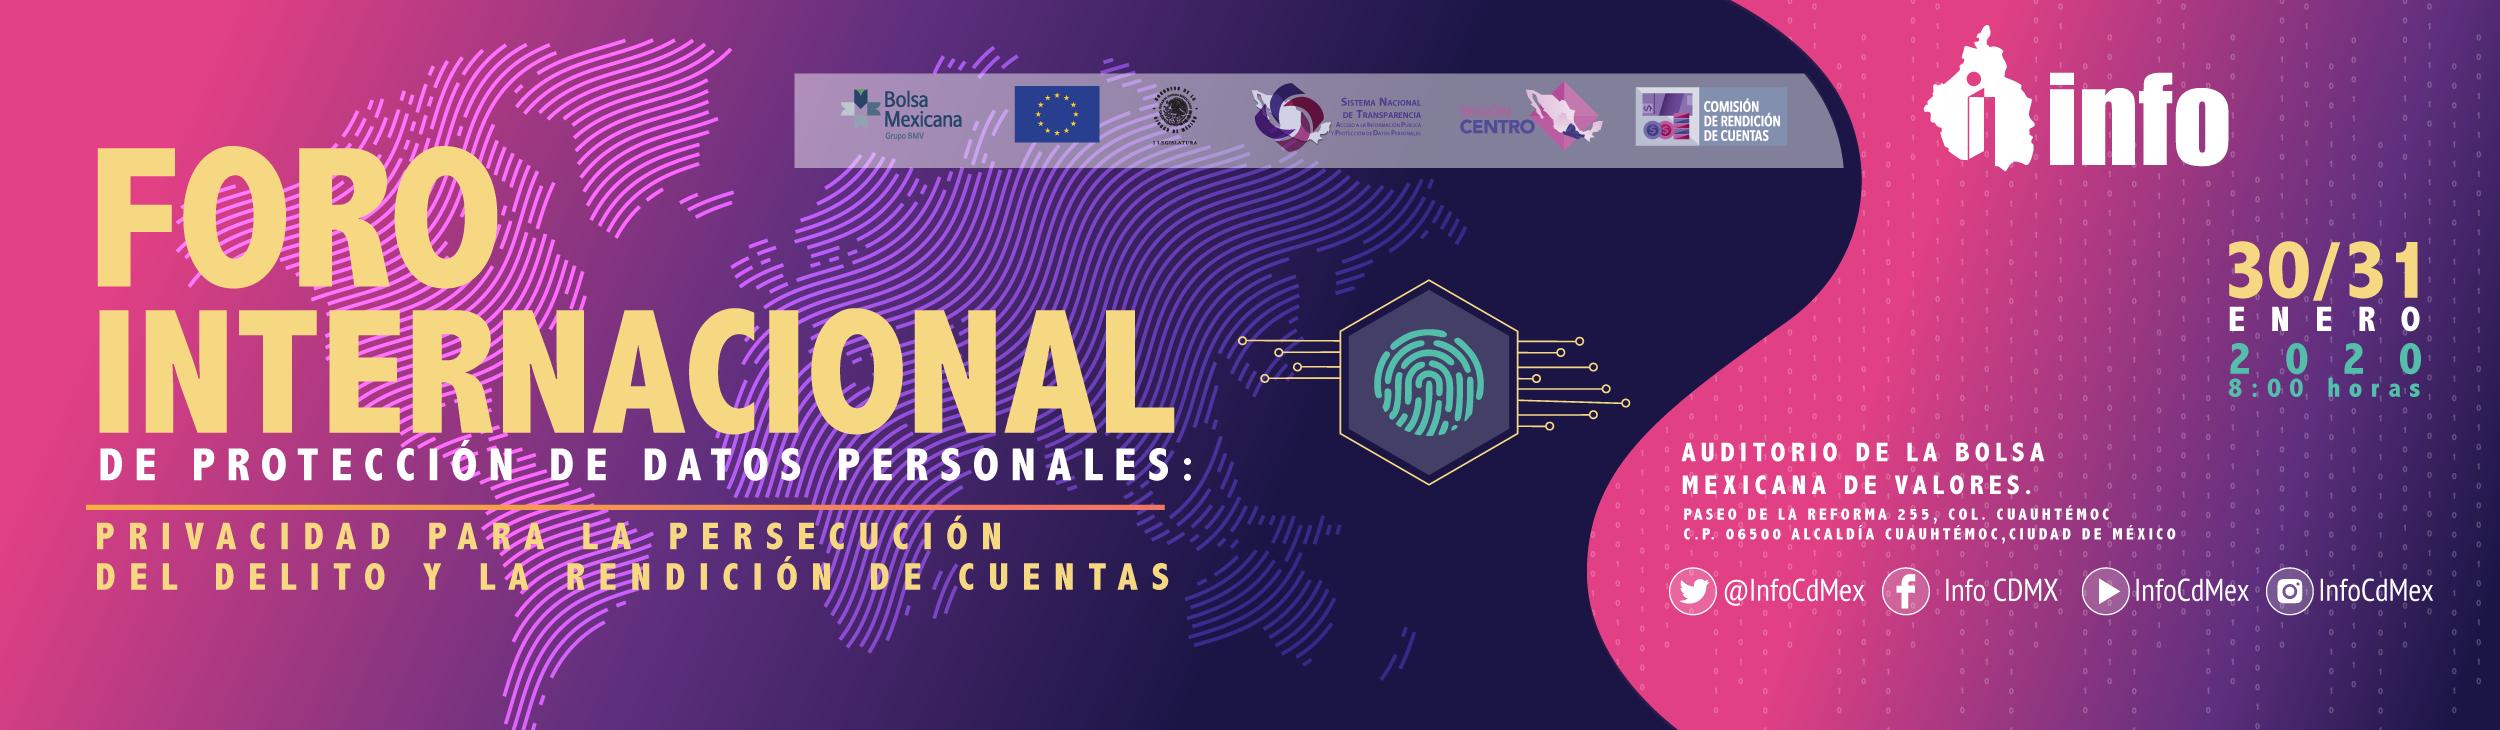 Banner Micrositio - Foro Internacional de Protección de Datos Personales